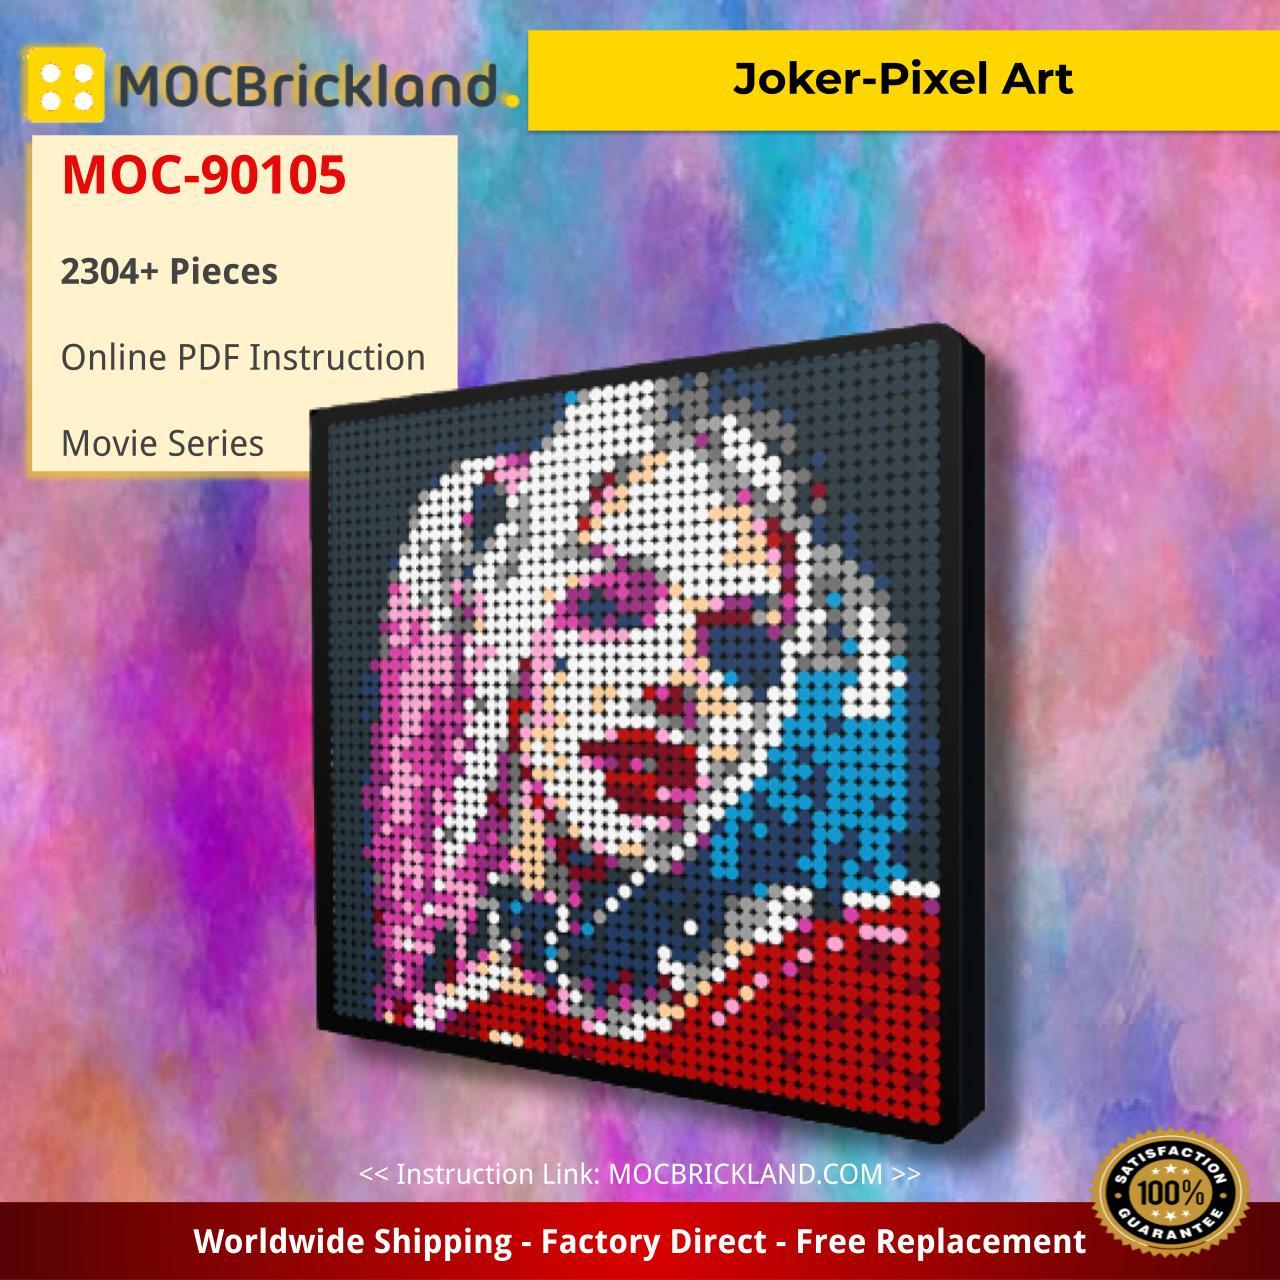 Joker-Pixel Art Movie MOC-90105 WITH 2304 PIECES